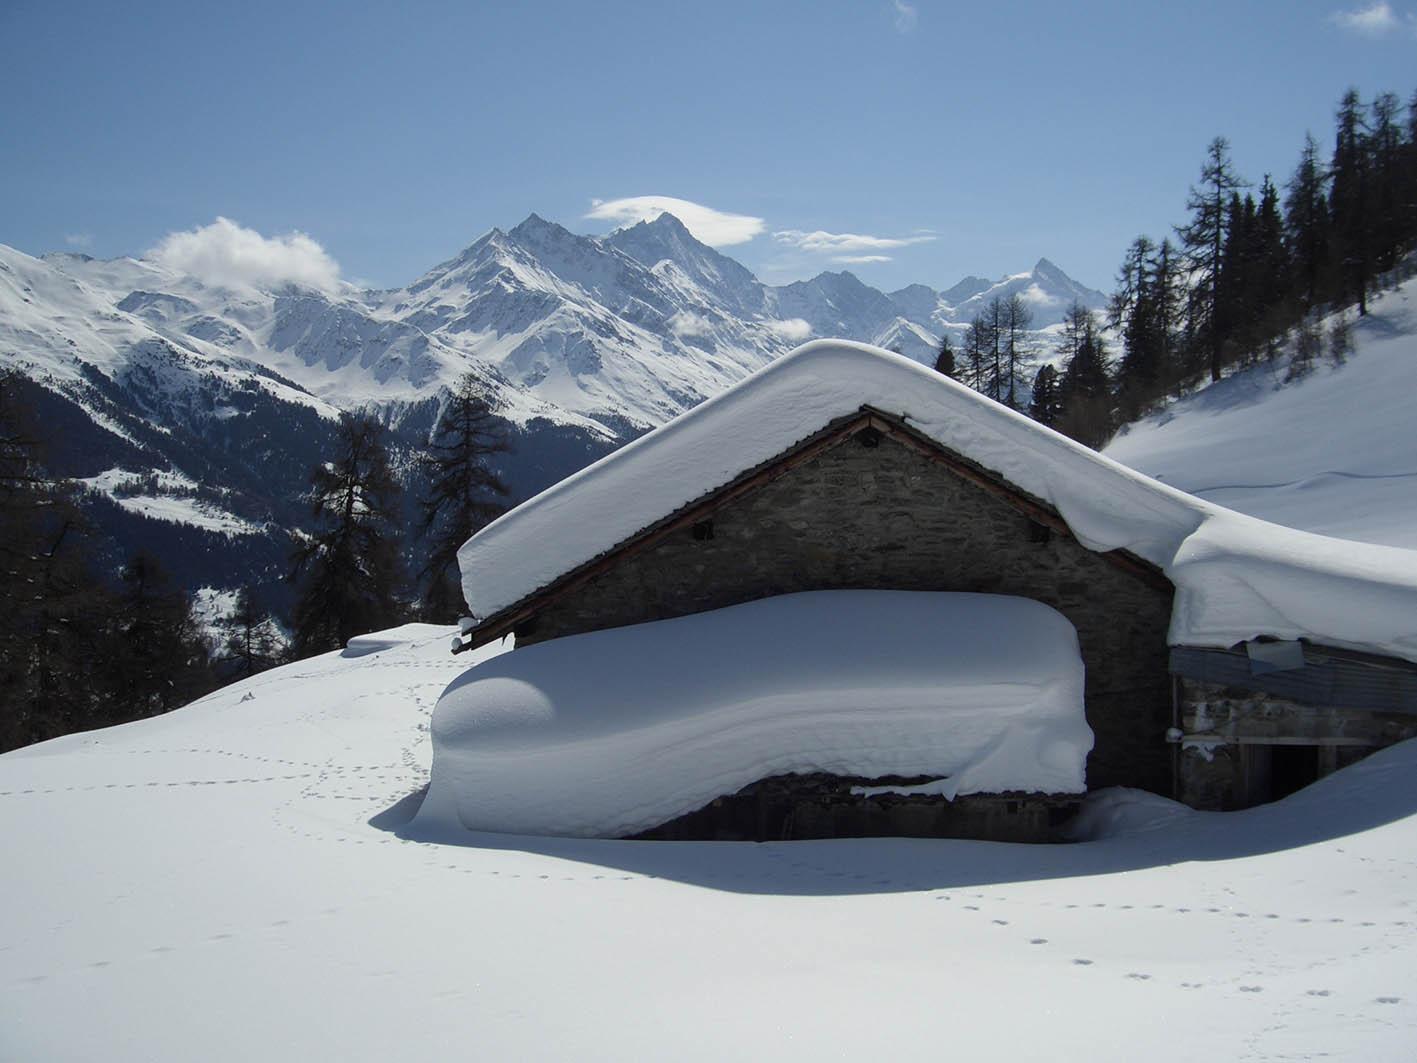 séjour ski hors pistes dans le val d'anniviers